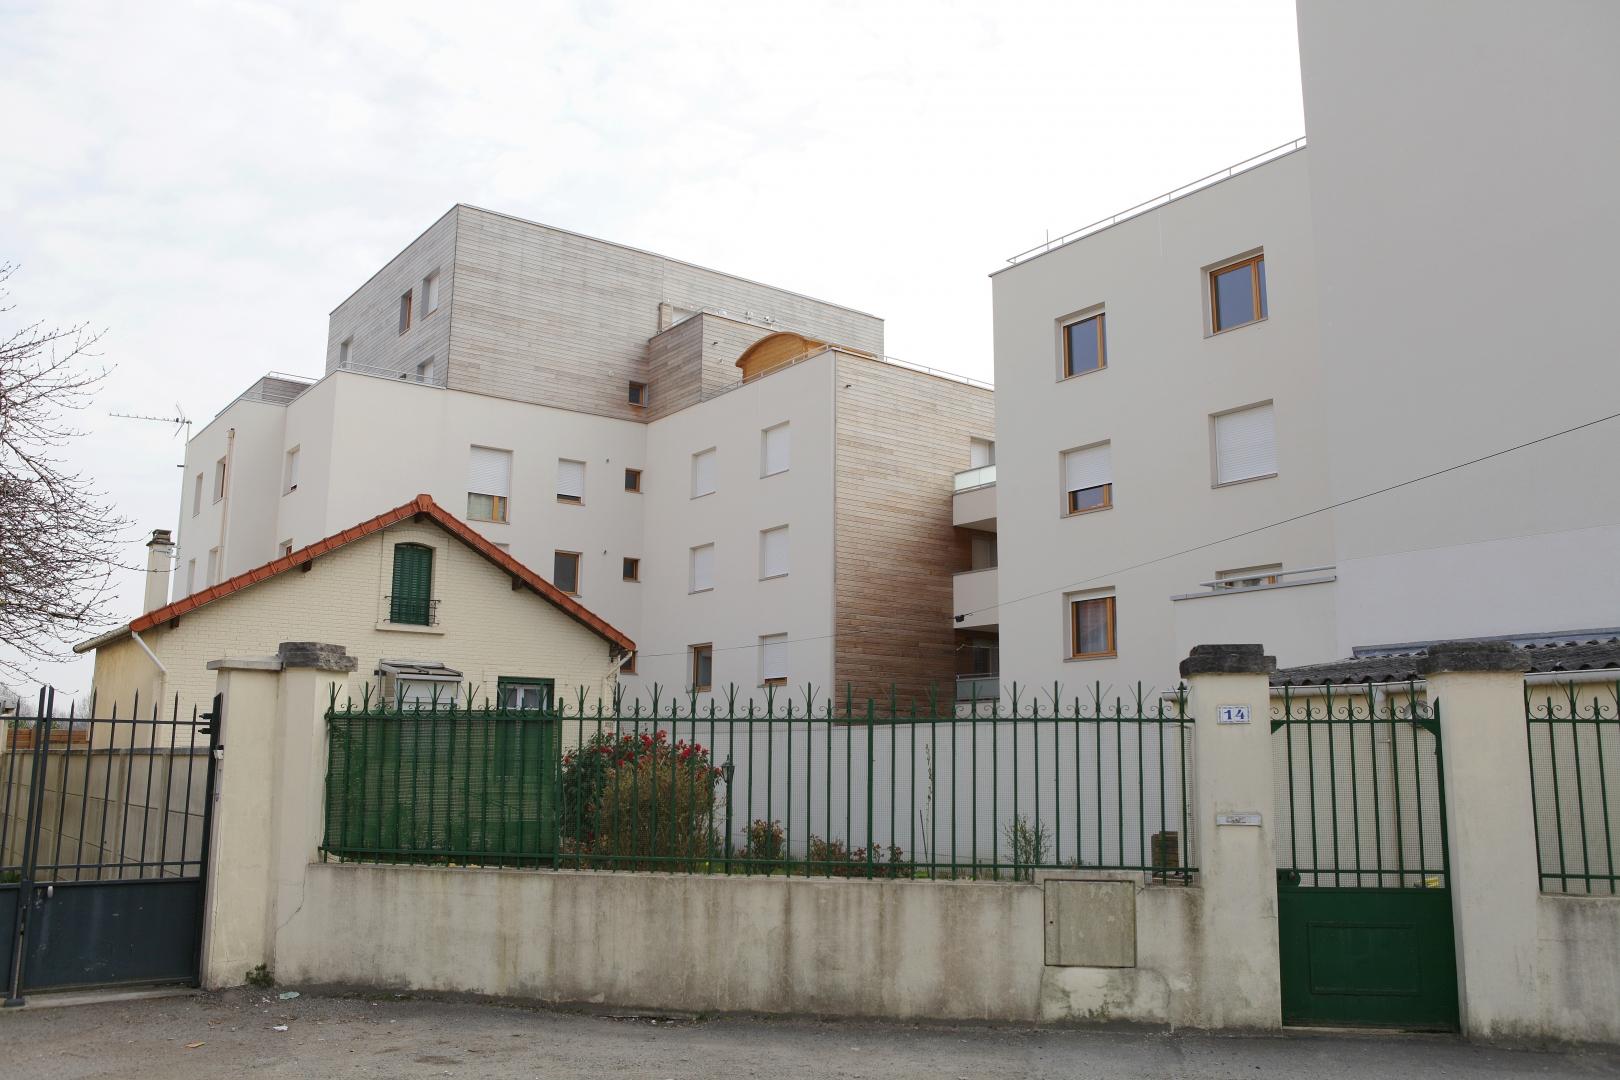 46 logements collectifs vitry sur seine 94 cenci et - Abri jardin habitat et jardin vitry sur seine ...